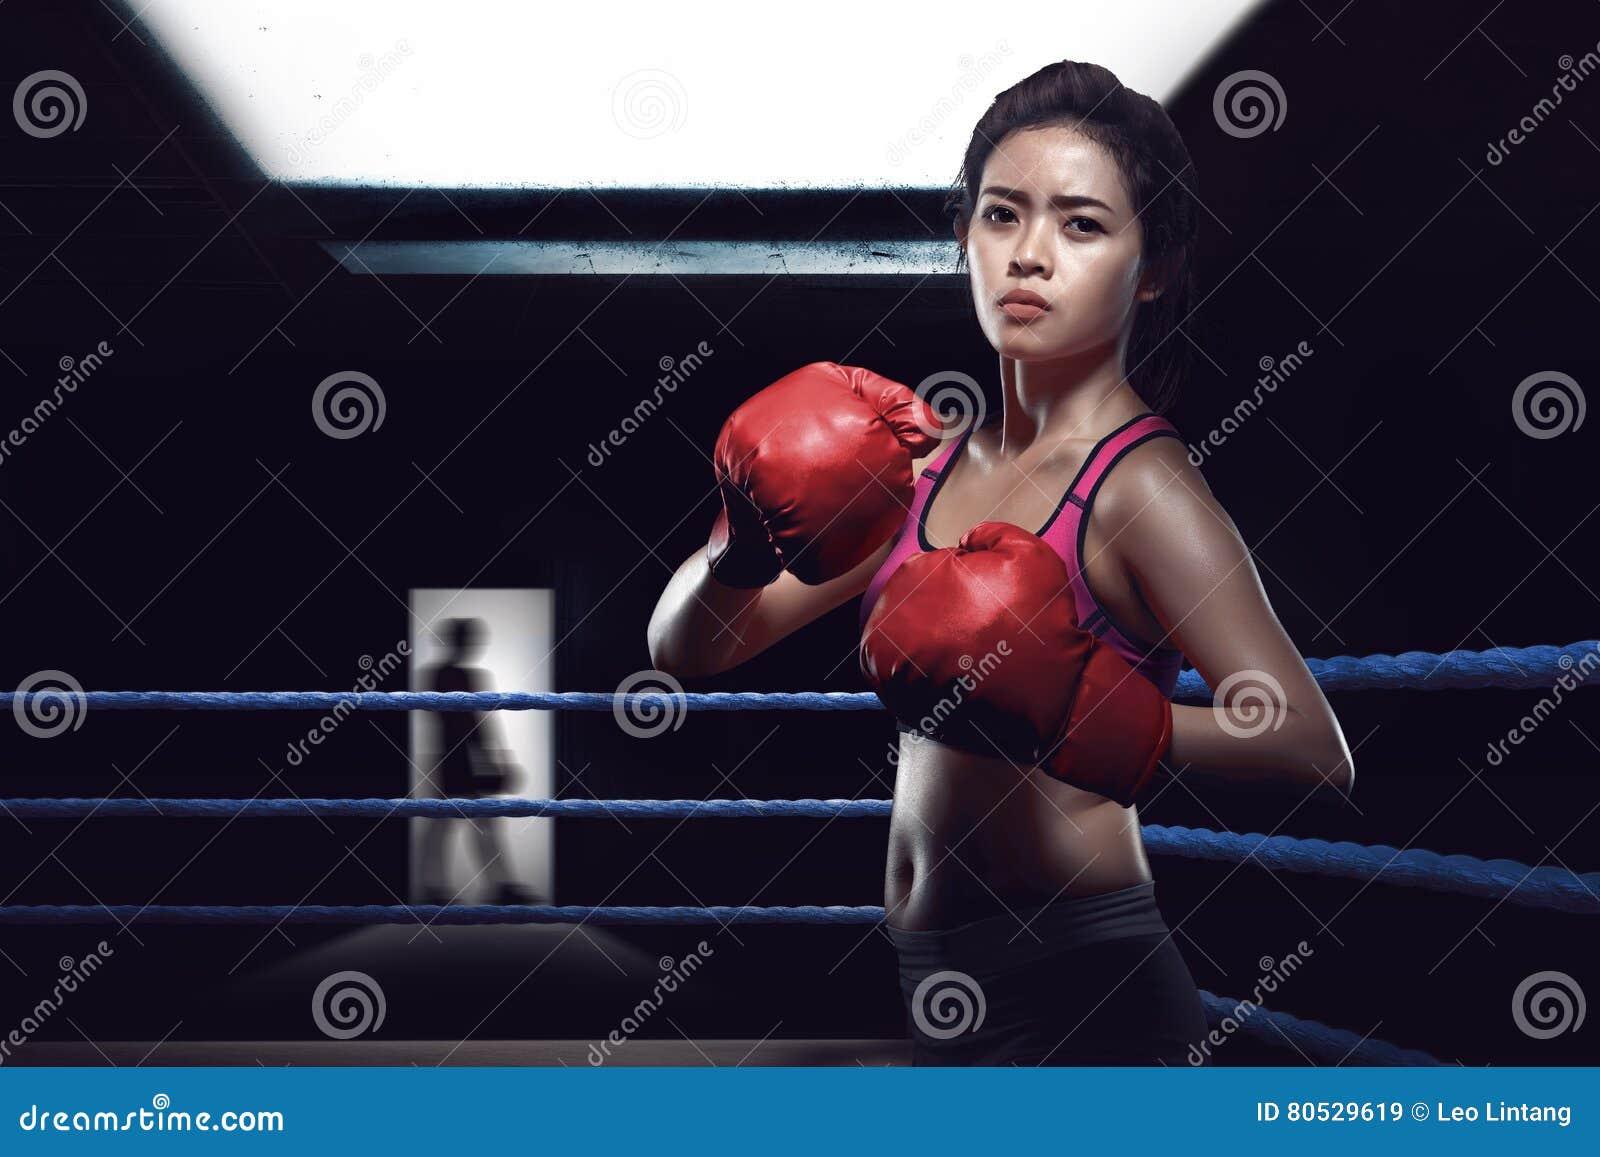 asian girls boxing